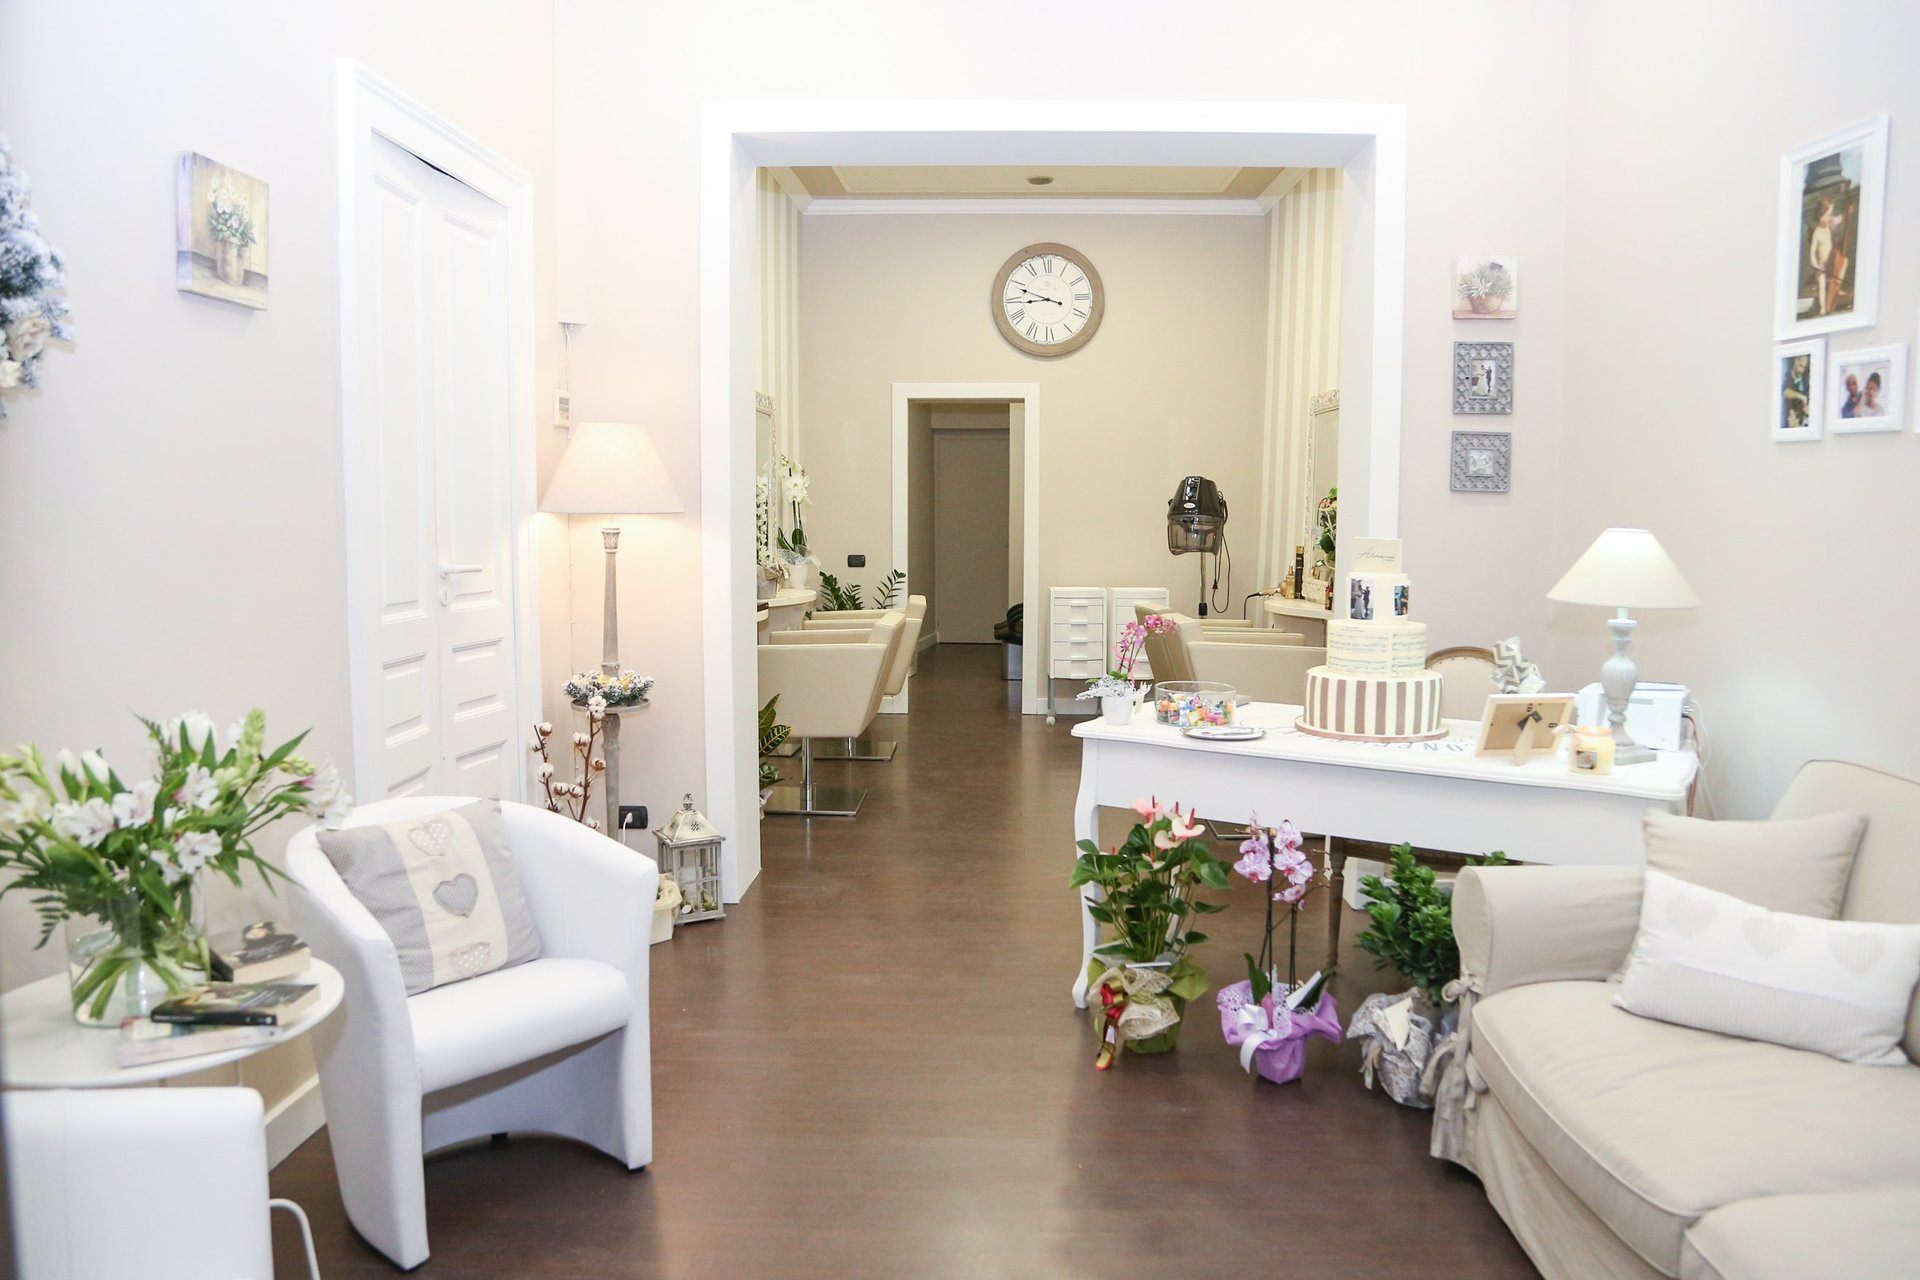 vista del salone di bellezza, arredato in bianco e grigio